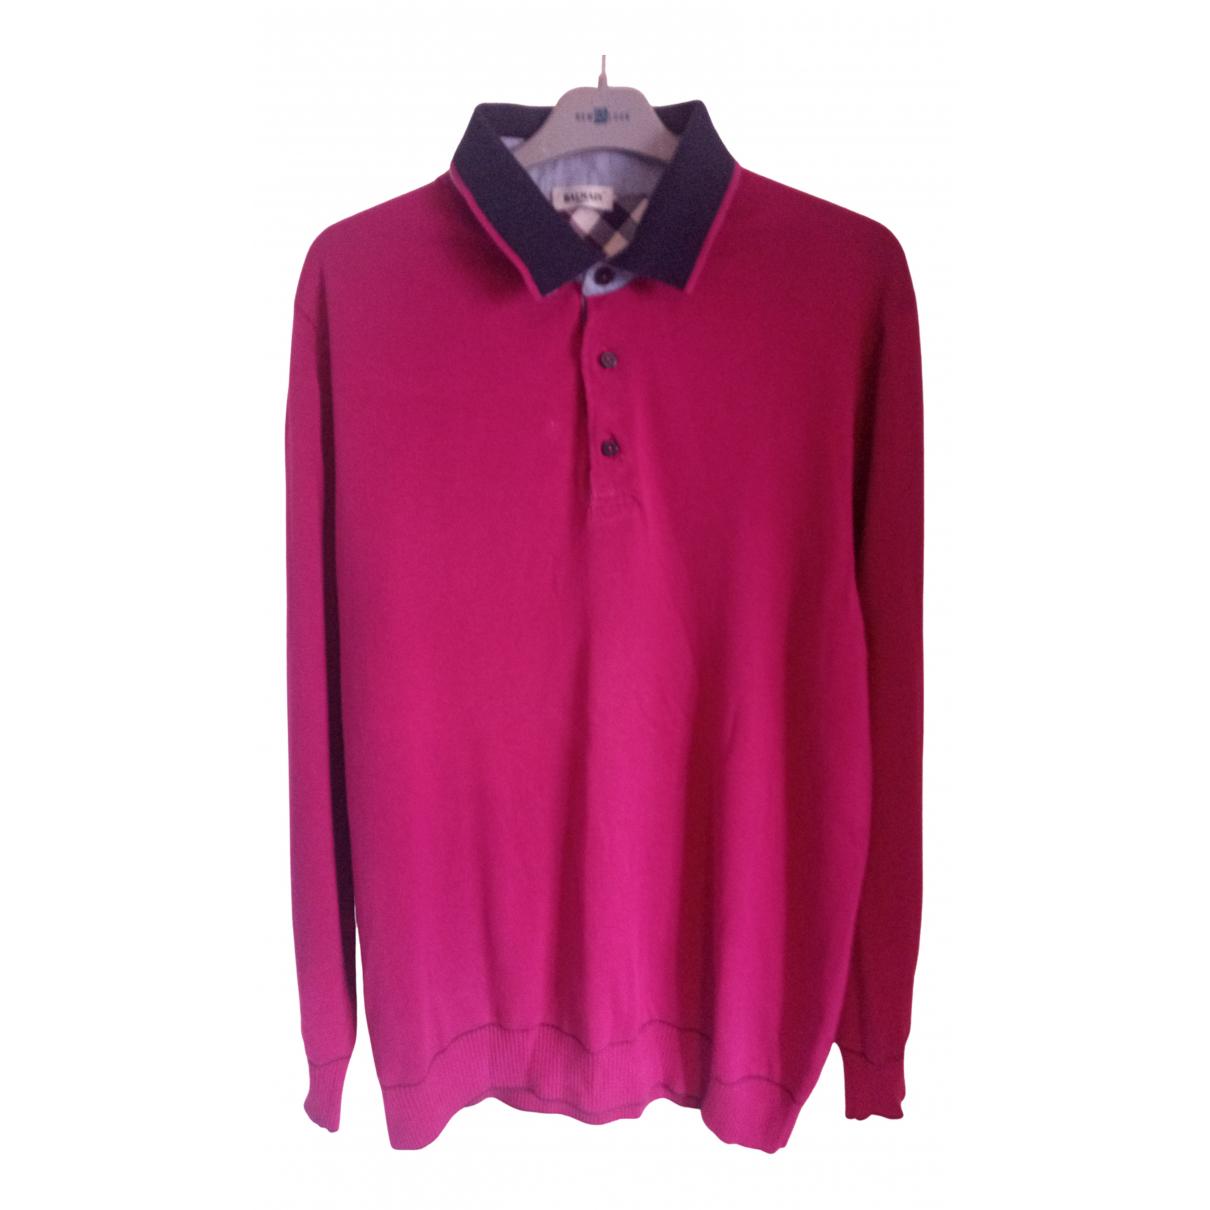 Pierre Balmain N Cotton Knitwear & Sweatshirts for Men L International